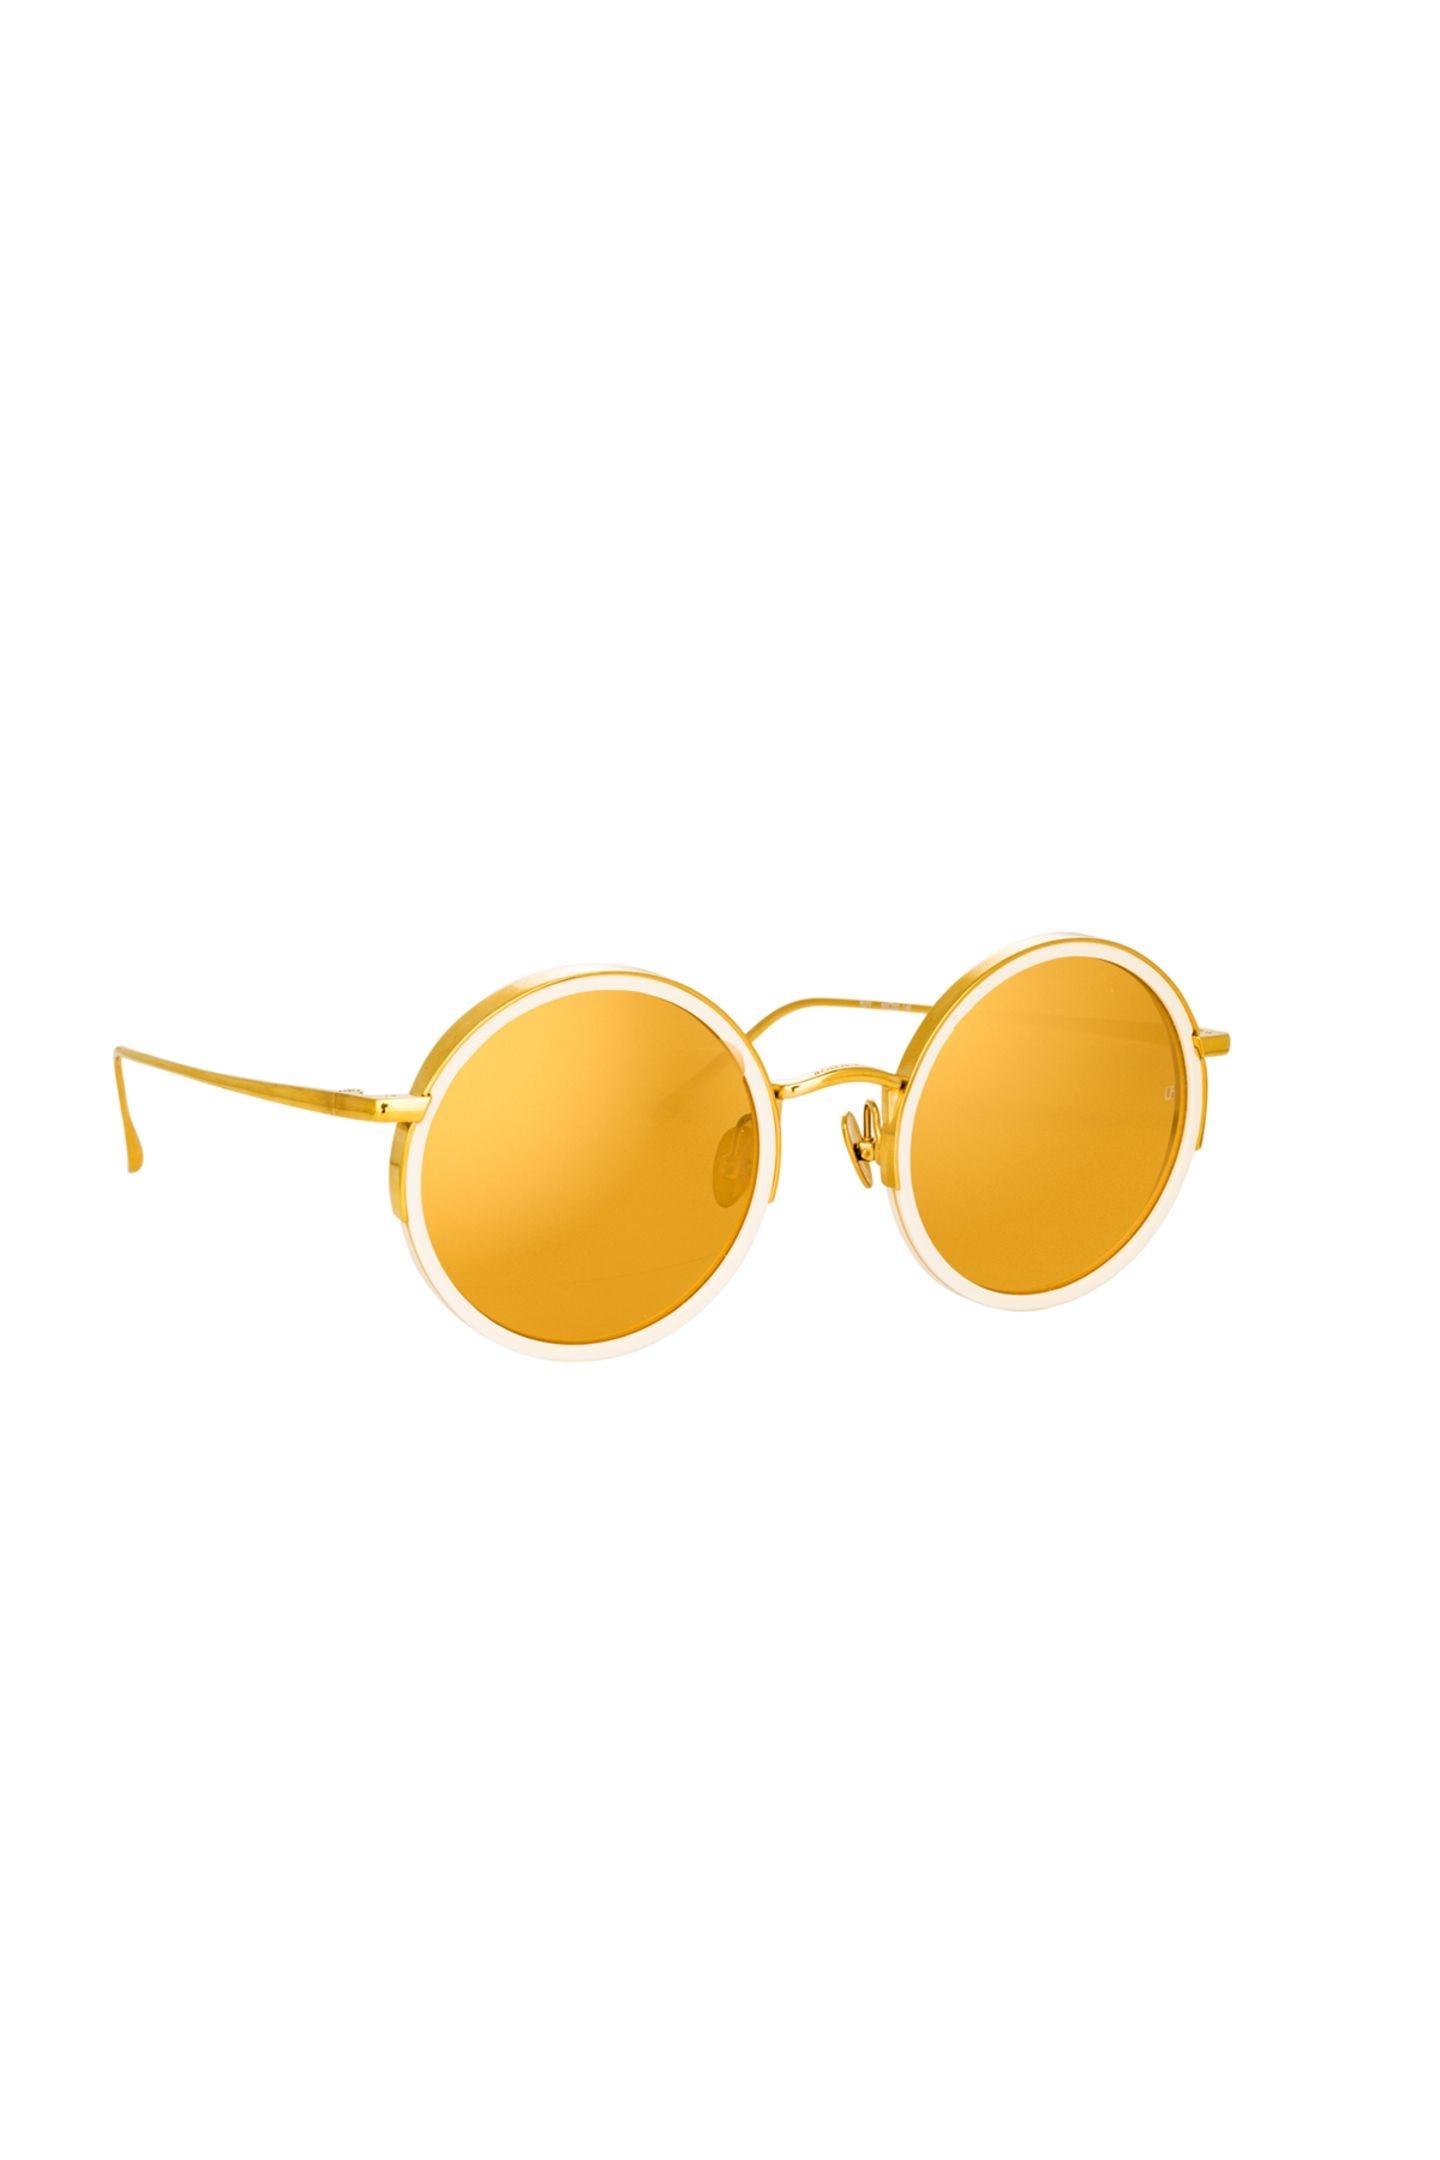 """Little Miss SunshineWenn schon Abstand und Maske, dann wenigstens luxuriös und mit farbenfrohem Durchblick. Sonnenbrille """"Watson"""" von Ralph & Russo x Linda Farrow, ca. 930 Euro"""